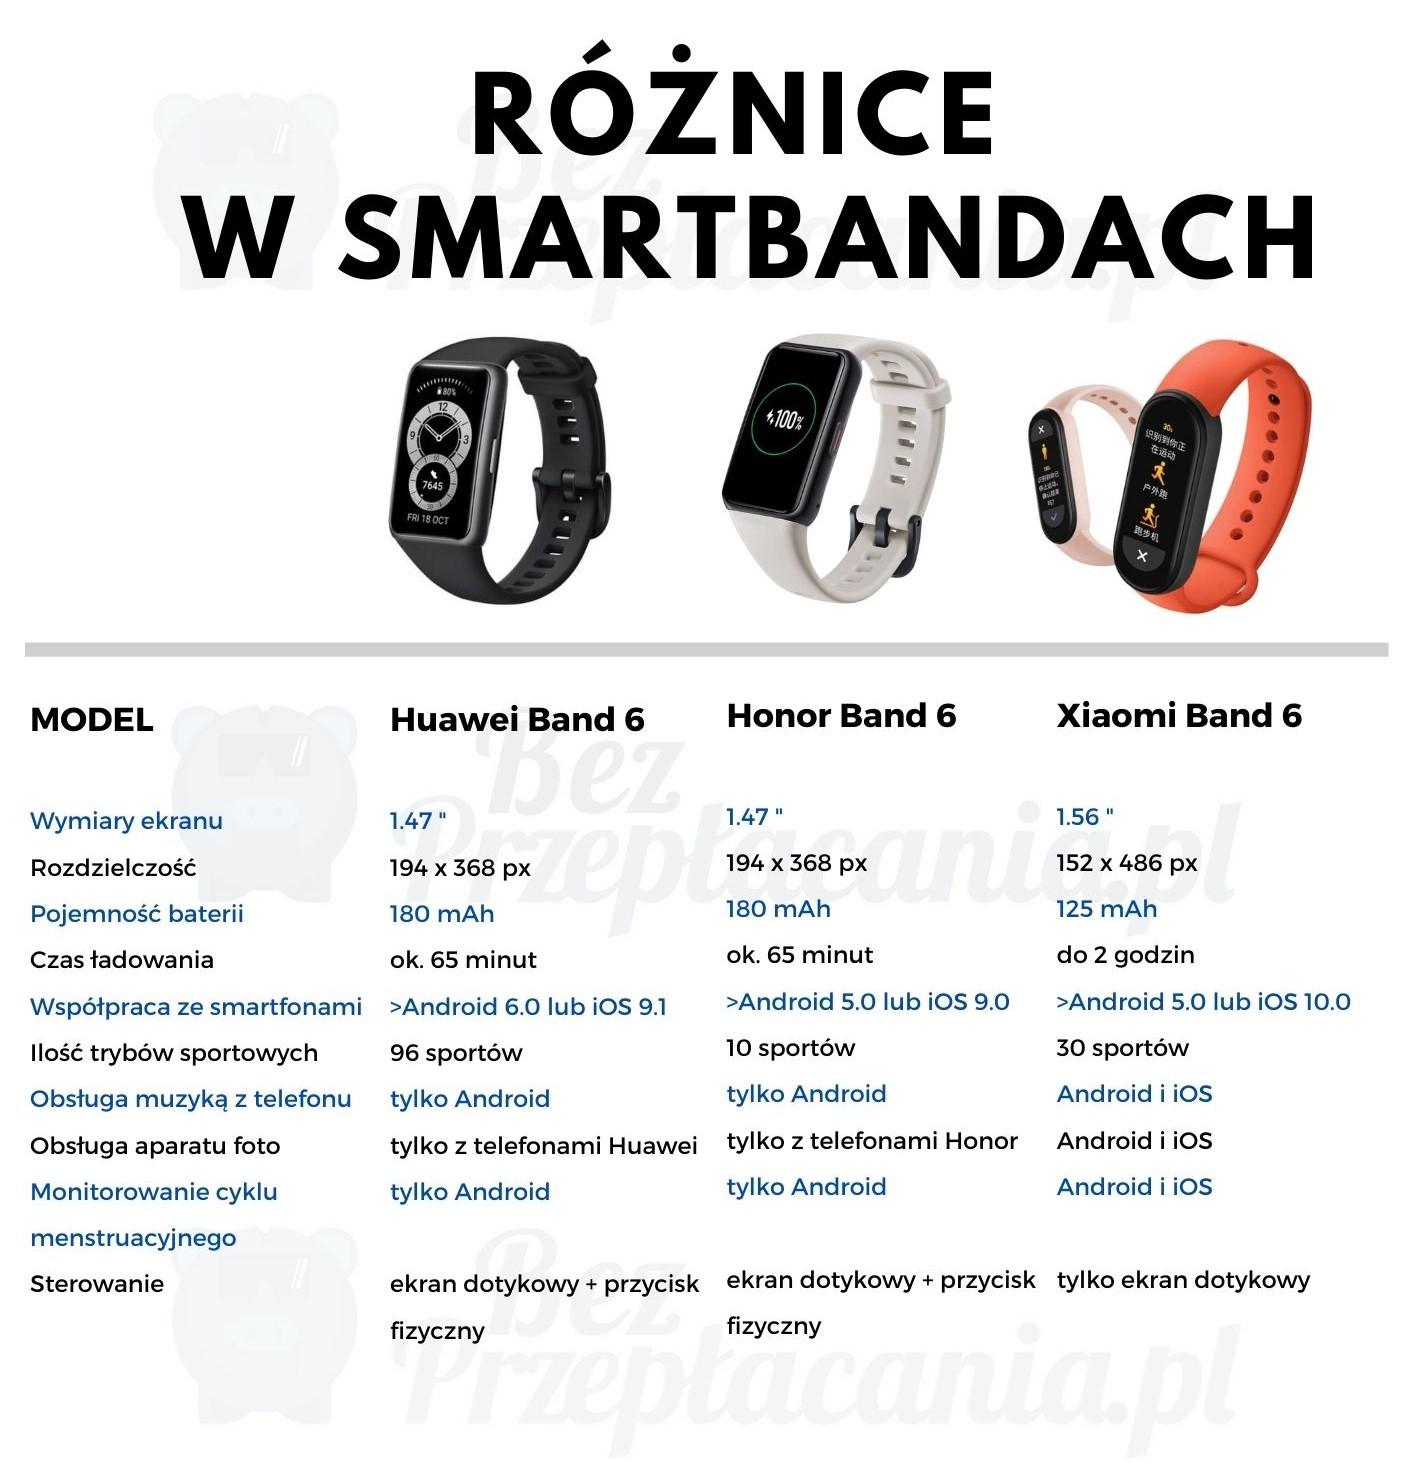 porównanie opasek Huawei Band 6, Honor Band 6 i Xiaomi Band 6